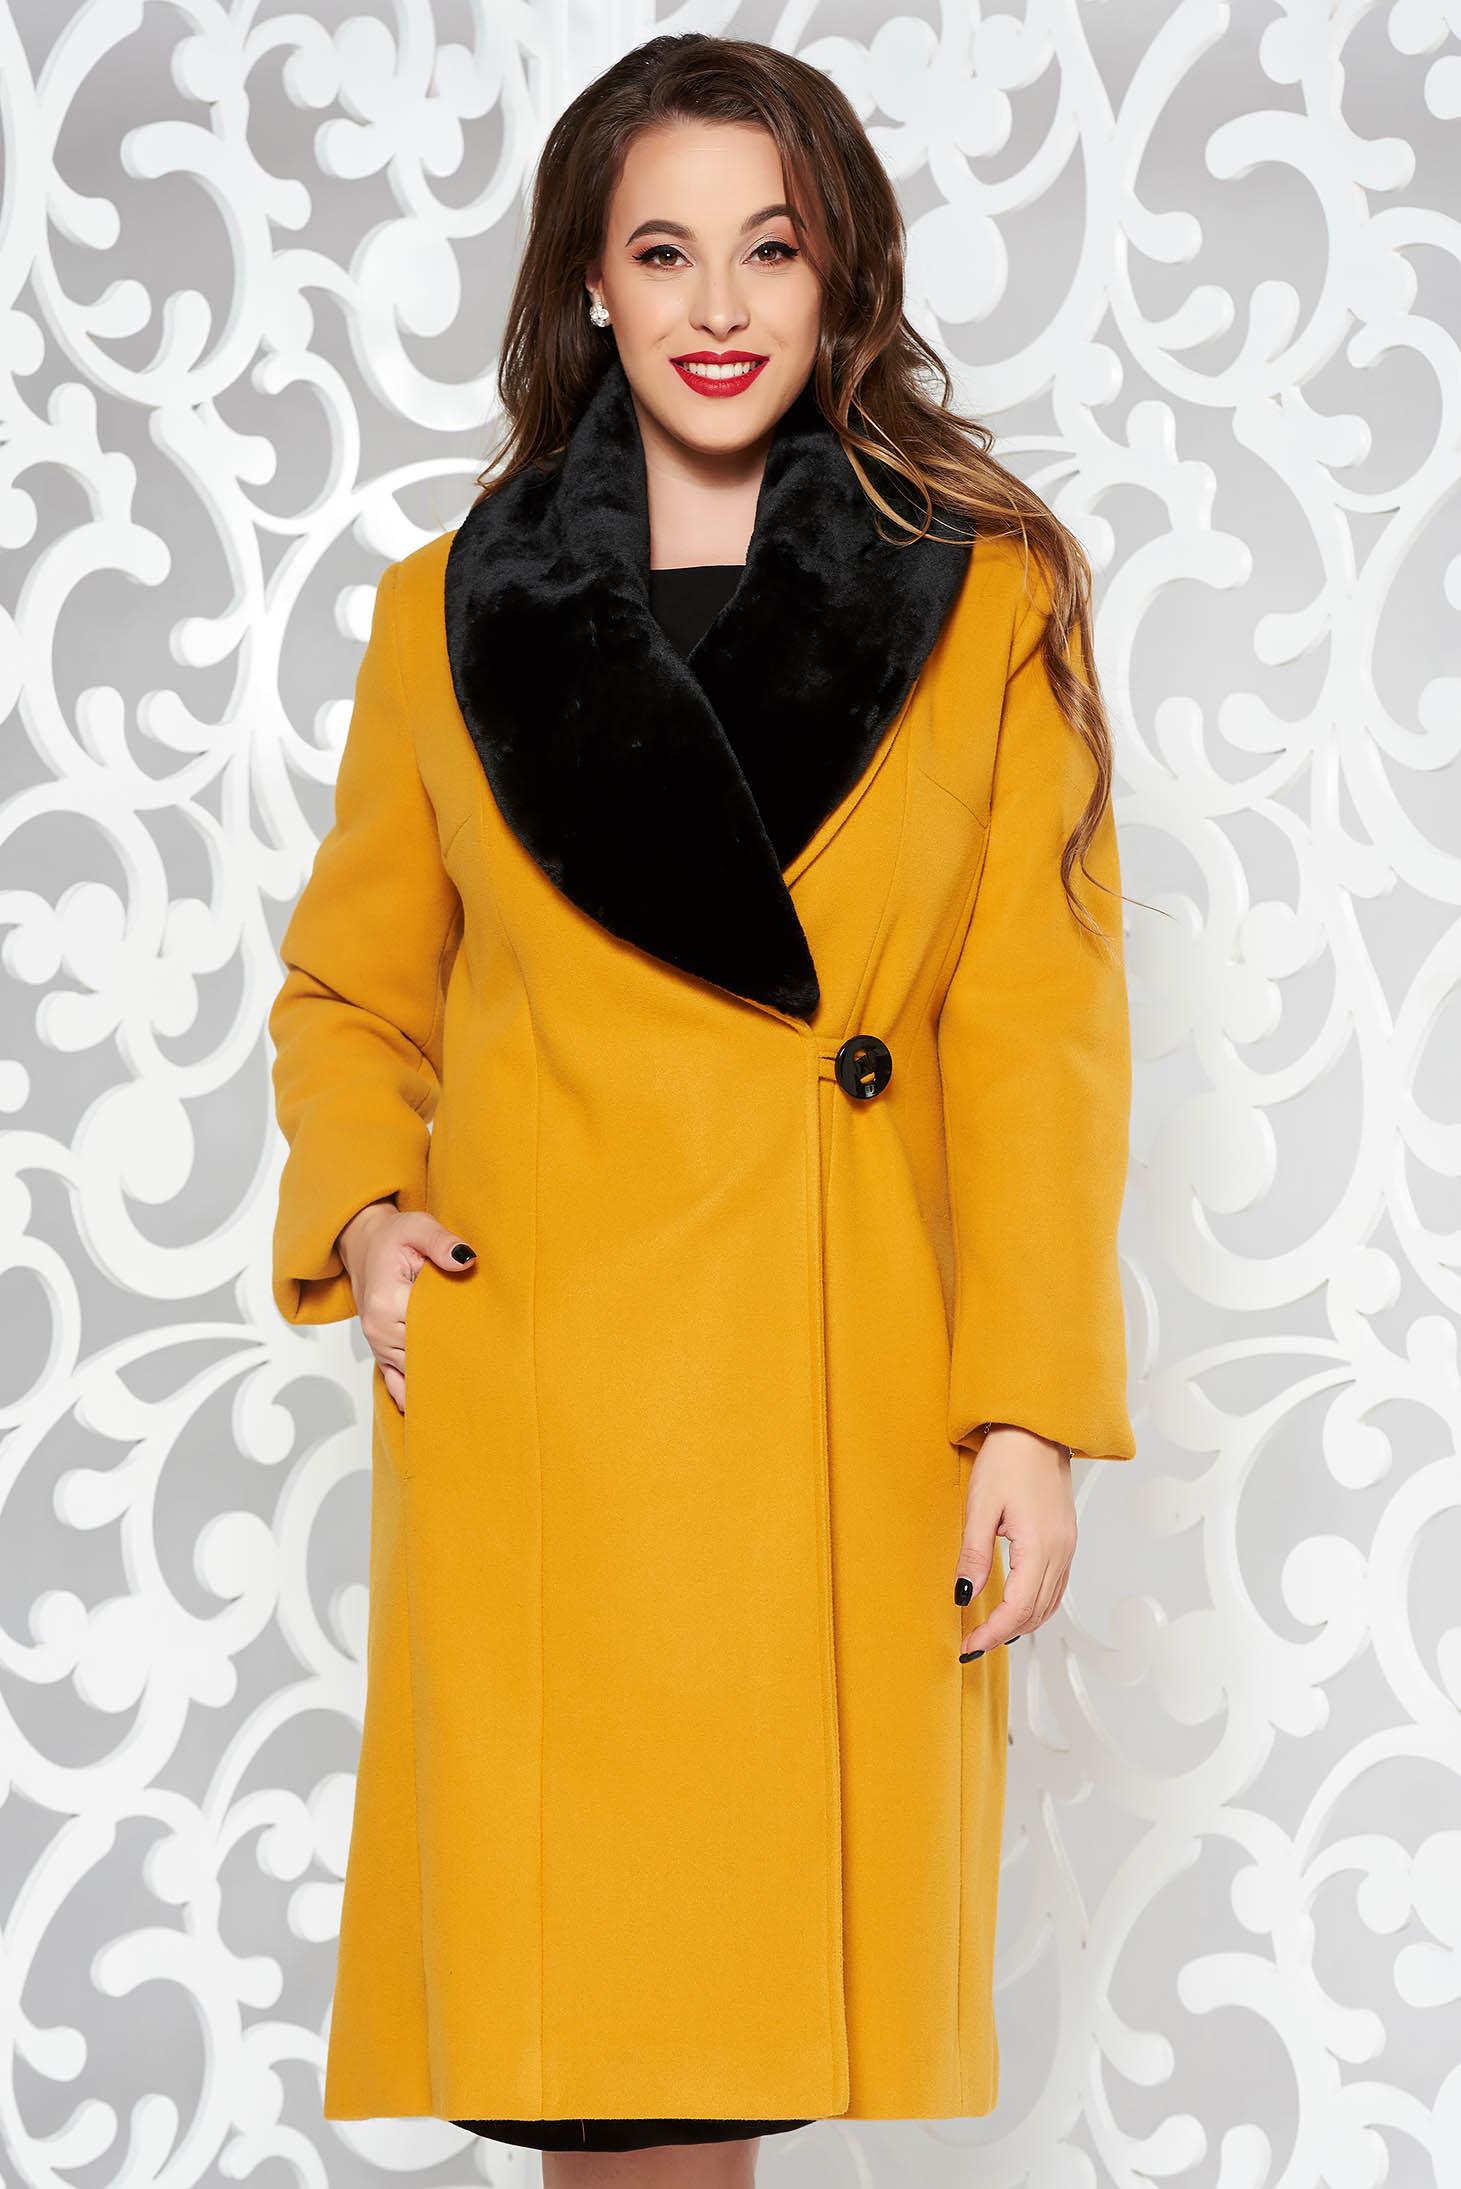 Mustársárga elegáns karcsusított szabású nagykabát gyapjúból szőrme gallérral és béléssel